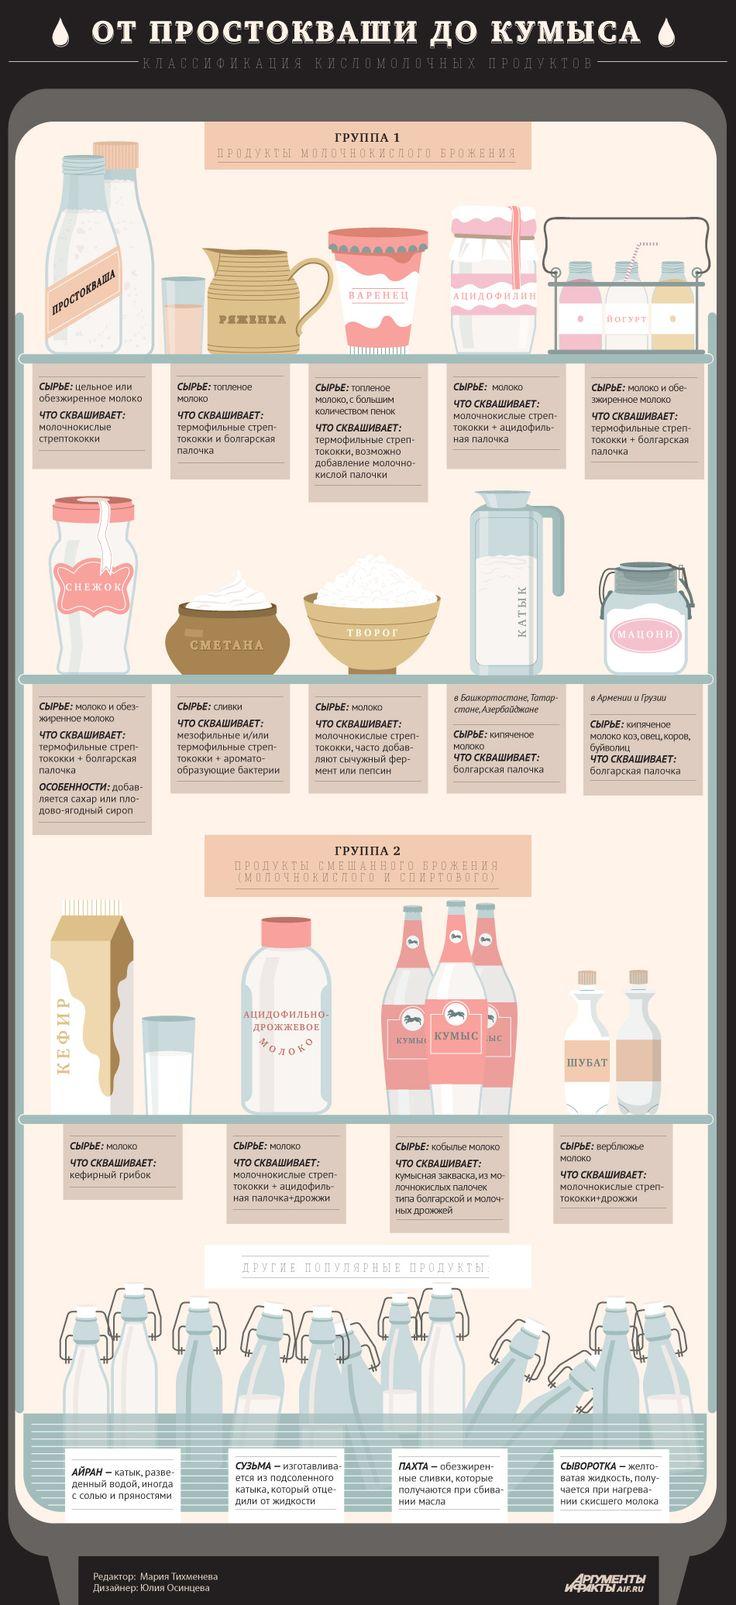 Кисломолочные продукты: как получаются и чем различаются. Инфографика | Продукты и напитки | Кухня | Аргументы и Факты